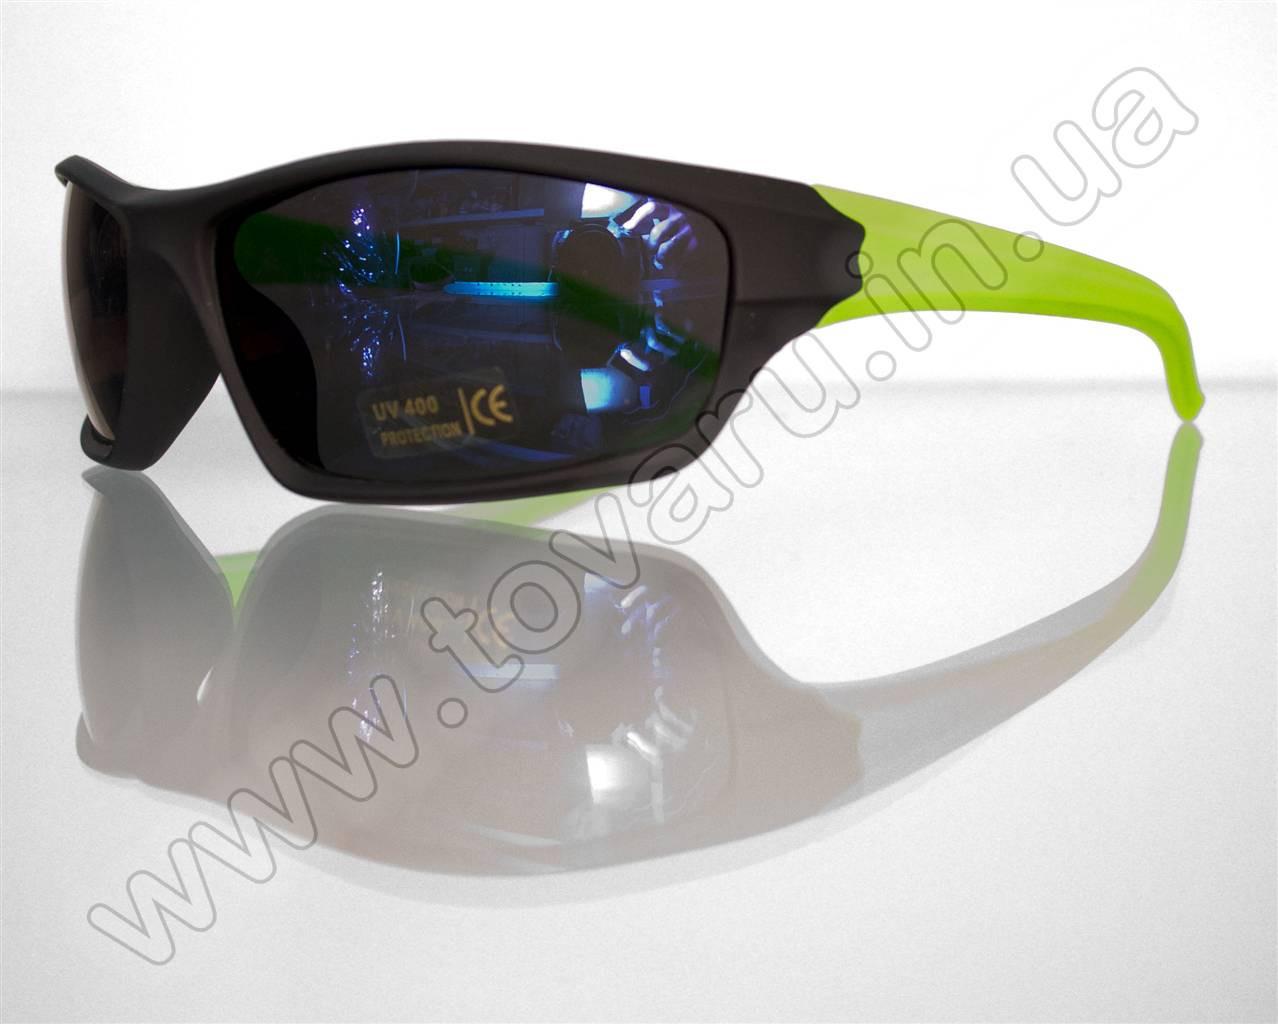 Оптом Очки мужские солнцезащитные спортивные - Черно-салатовые - T85, фото 1